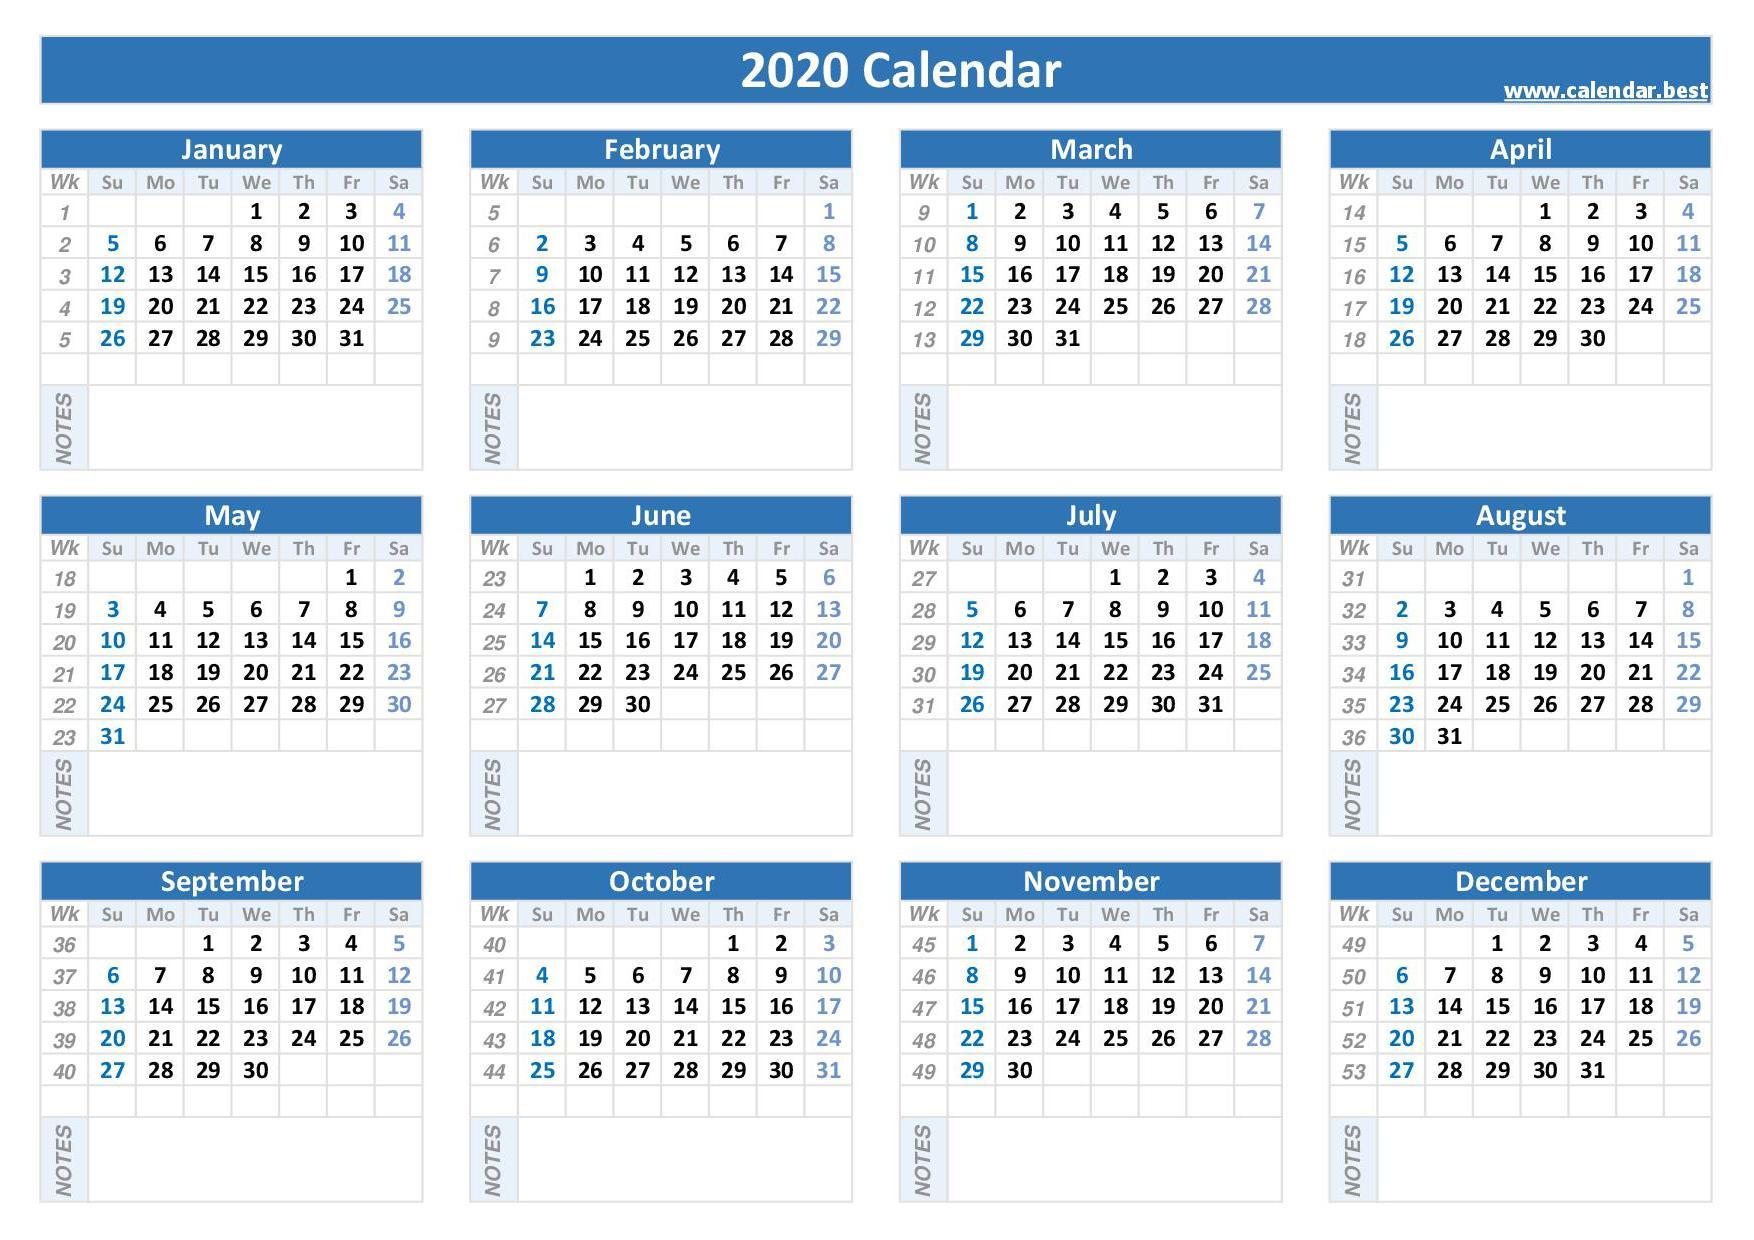 2020 calendar with week numbers calendar best 2020 calendar with week numbers